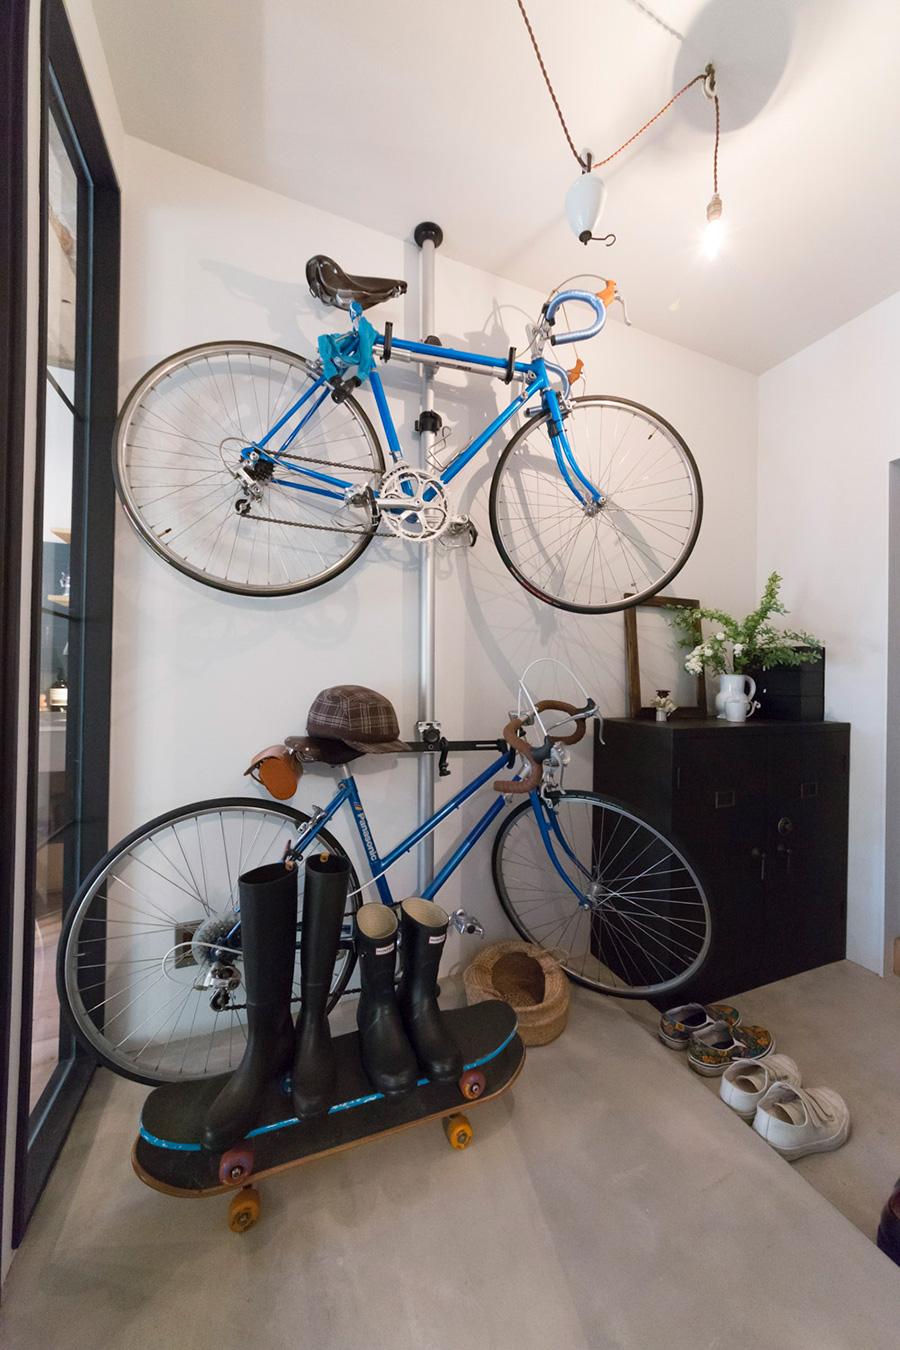 モルタルで仕上げた玄関スペースに自転車を収納。黒いアンティークの金庫を下駄箱として使っている。